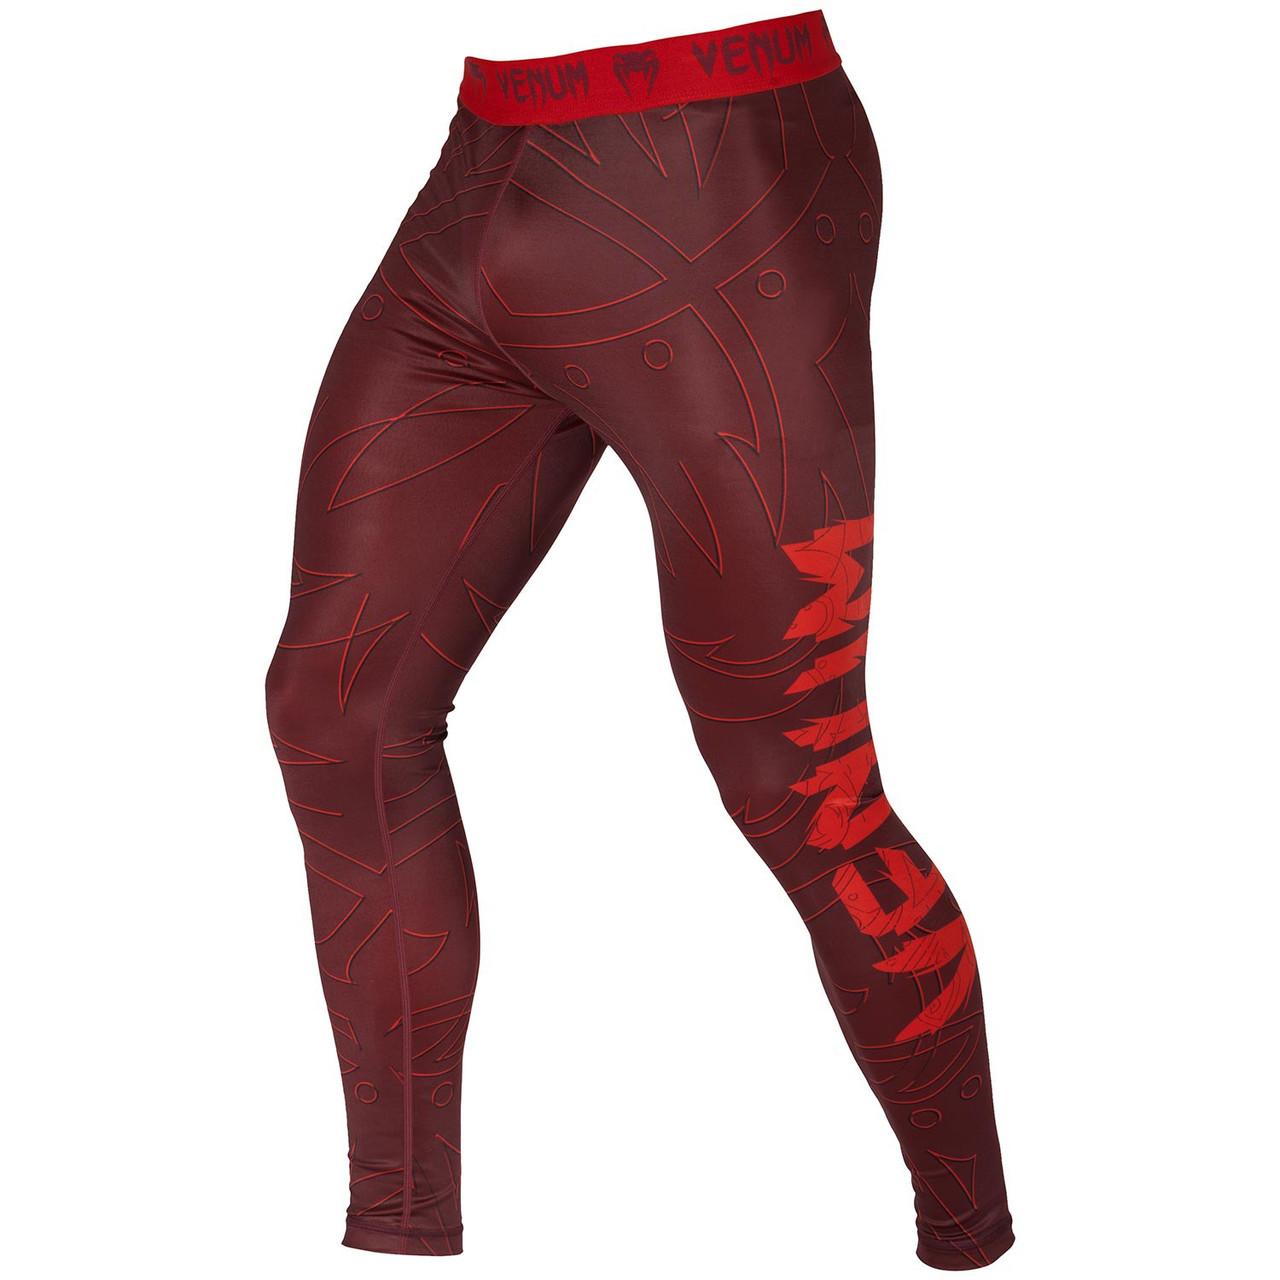 Компрессионные штаны Venum Nightcrawler M